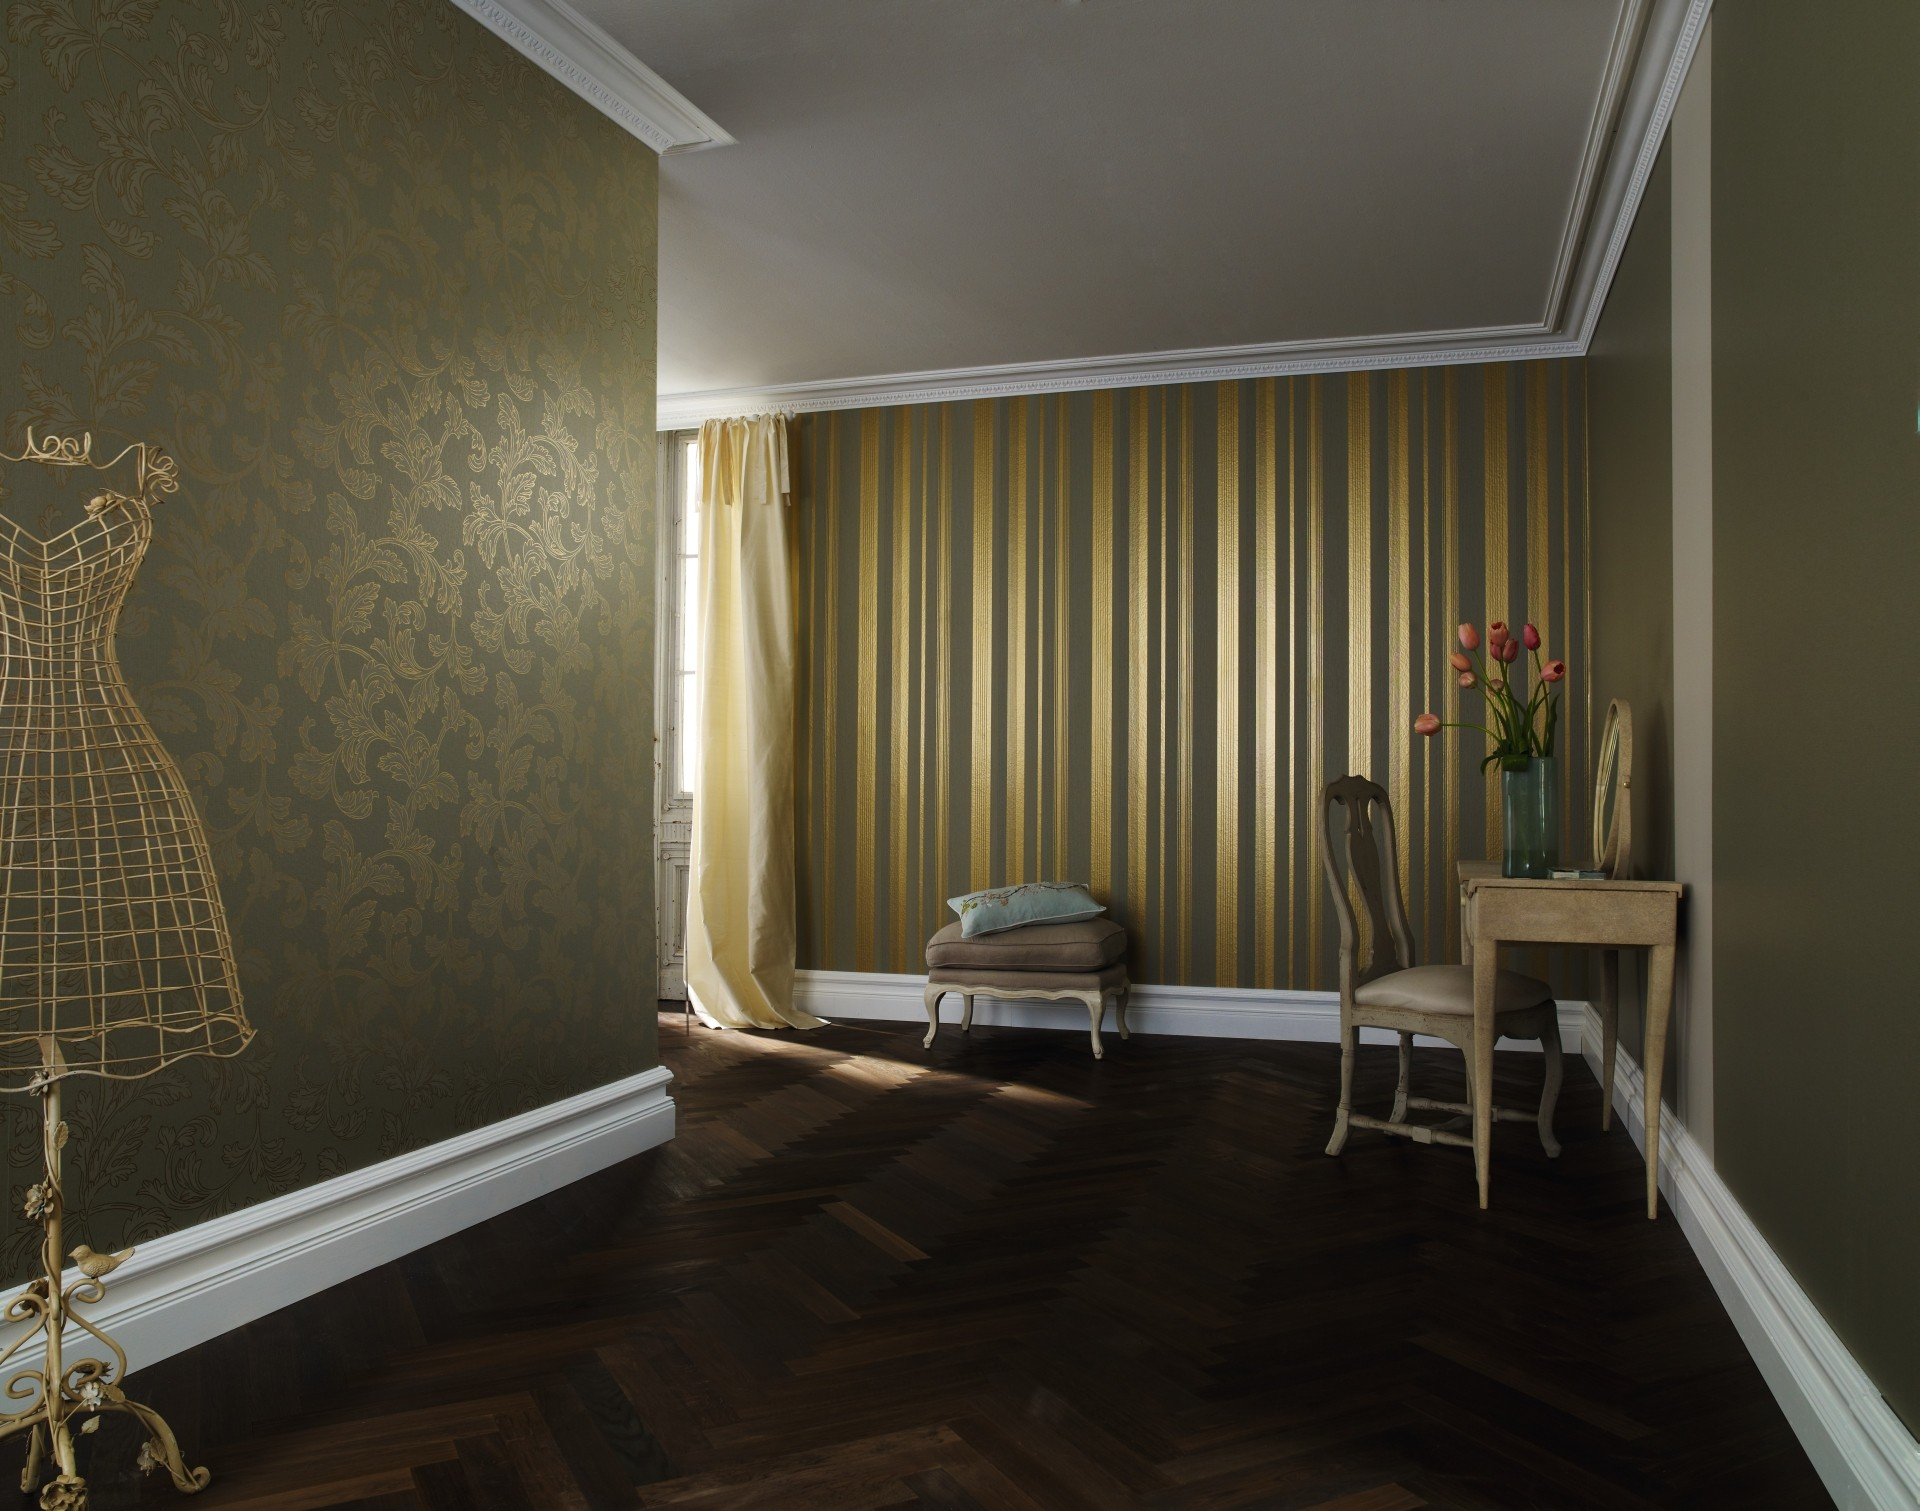 Tapete wohnzimmer gr n for Goldene tapete wohnzimmer